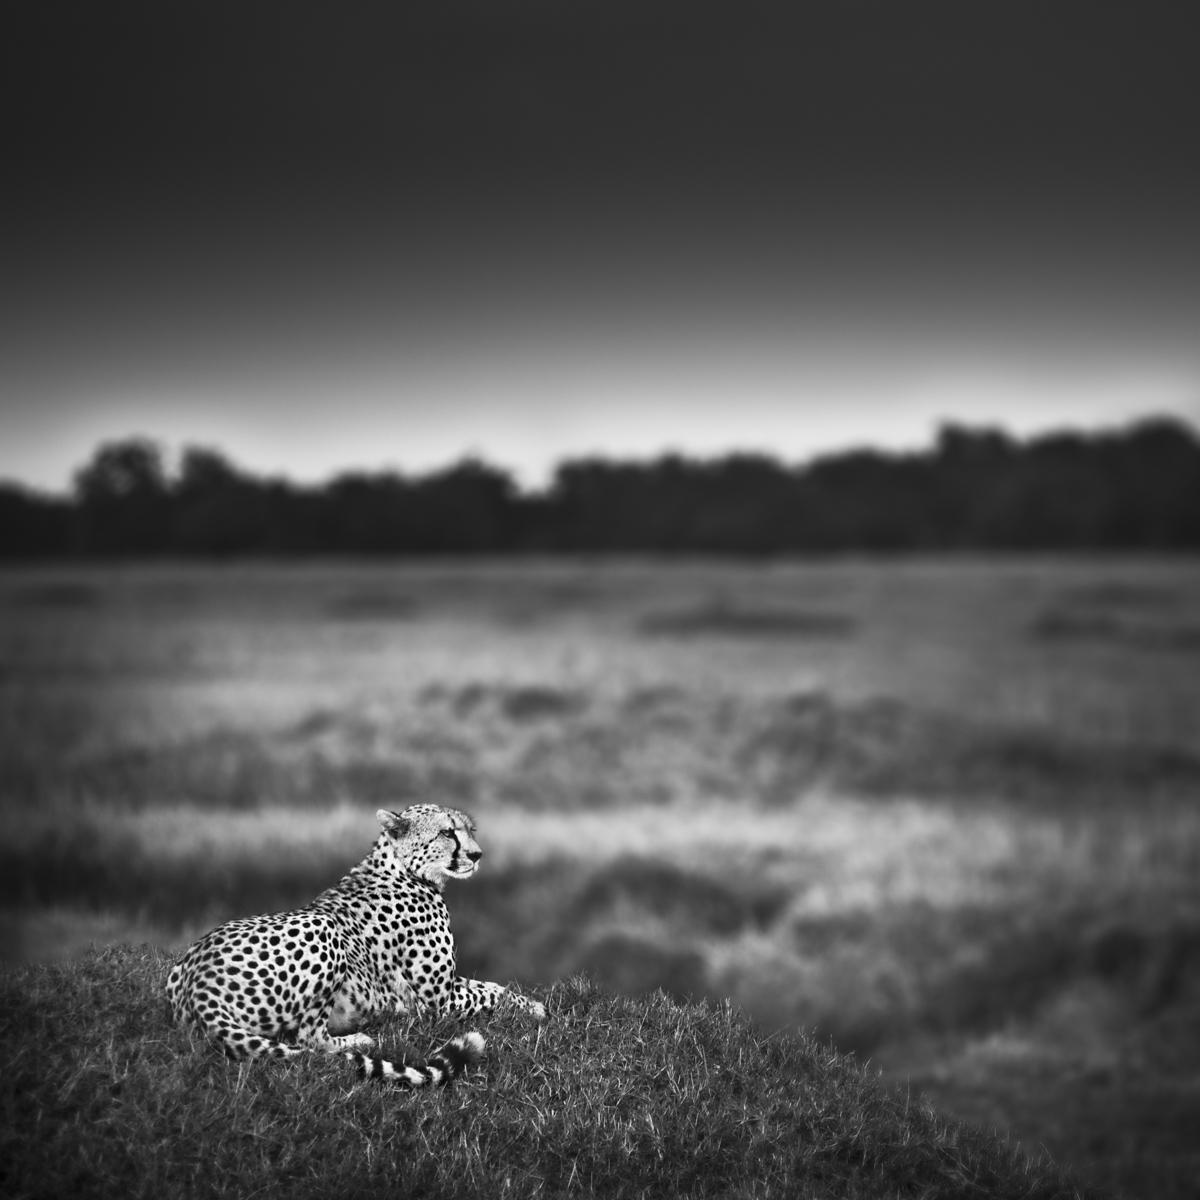 Urszula Kozak Cheetah On A Mound